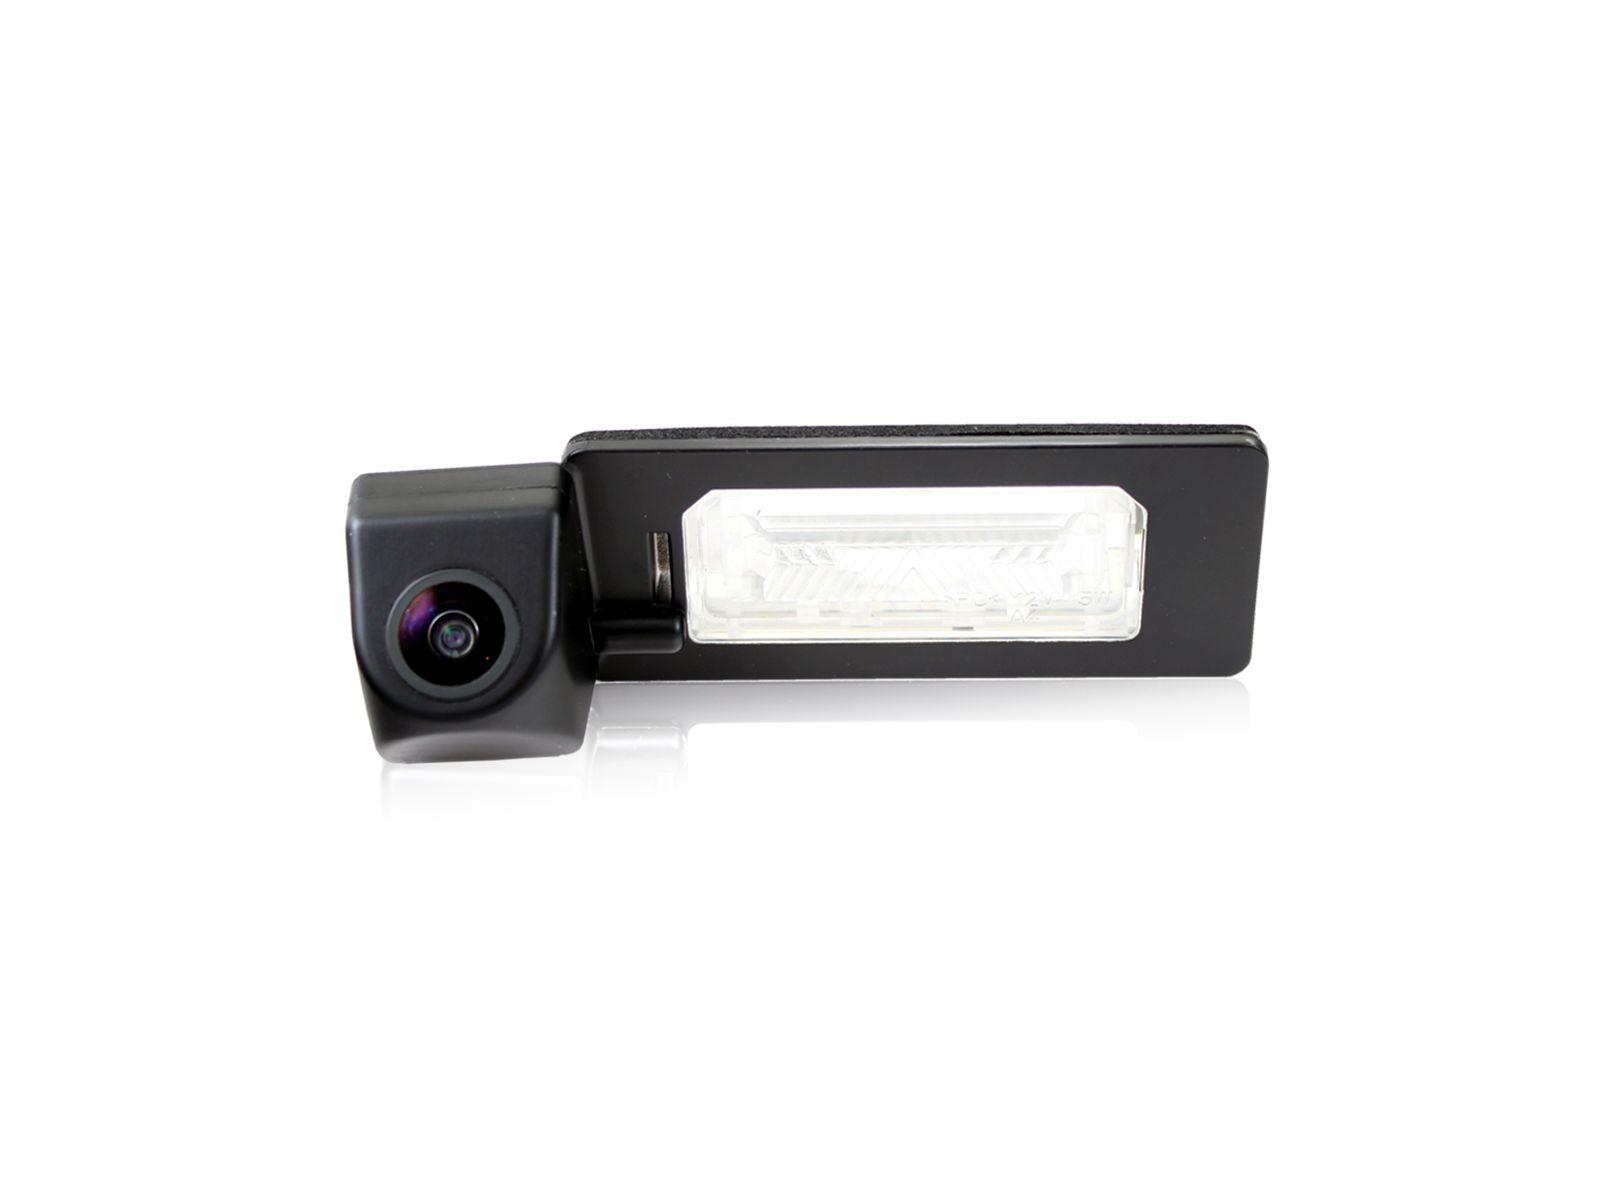 Камера заднего вида ParkGuru для Audi A4, A5, A7, Q3, Q5, Skoda Fabia 13+, Yeti 13+ FC-0549-T2  - купить со скидкой